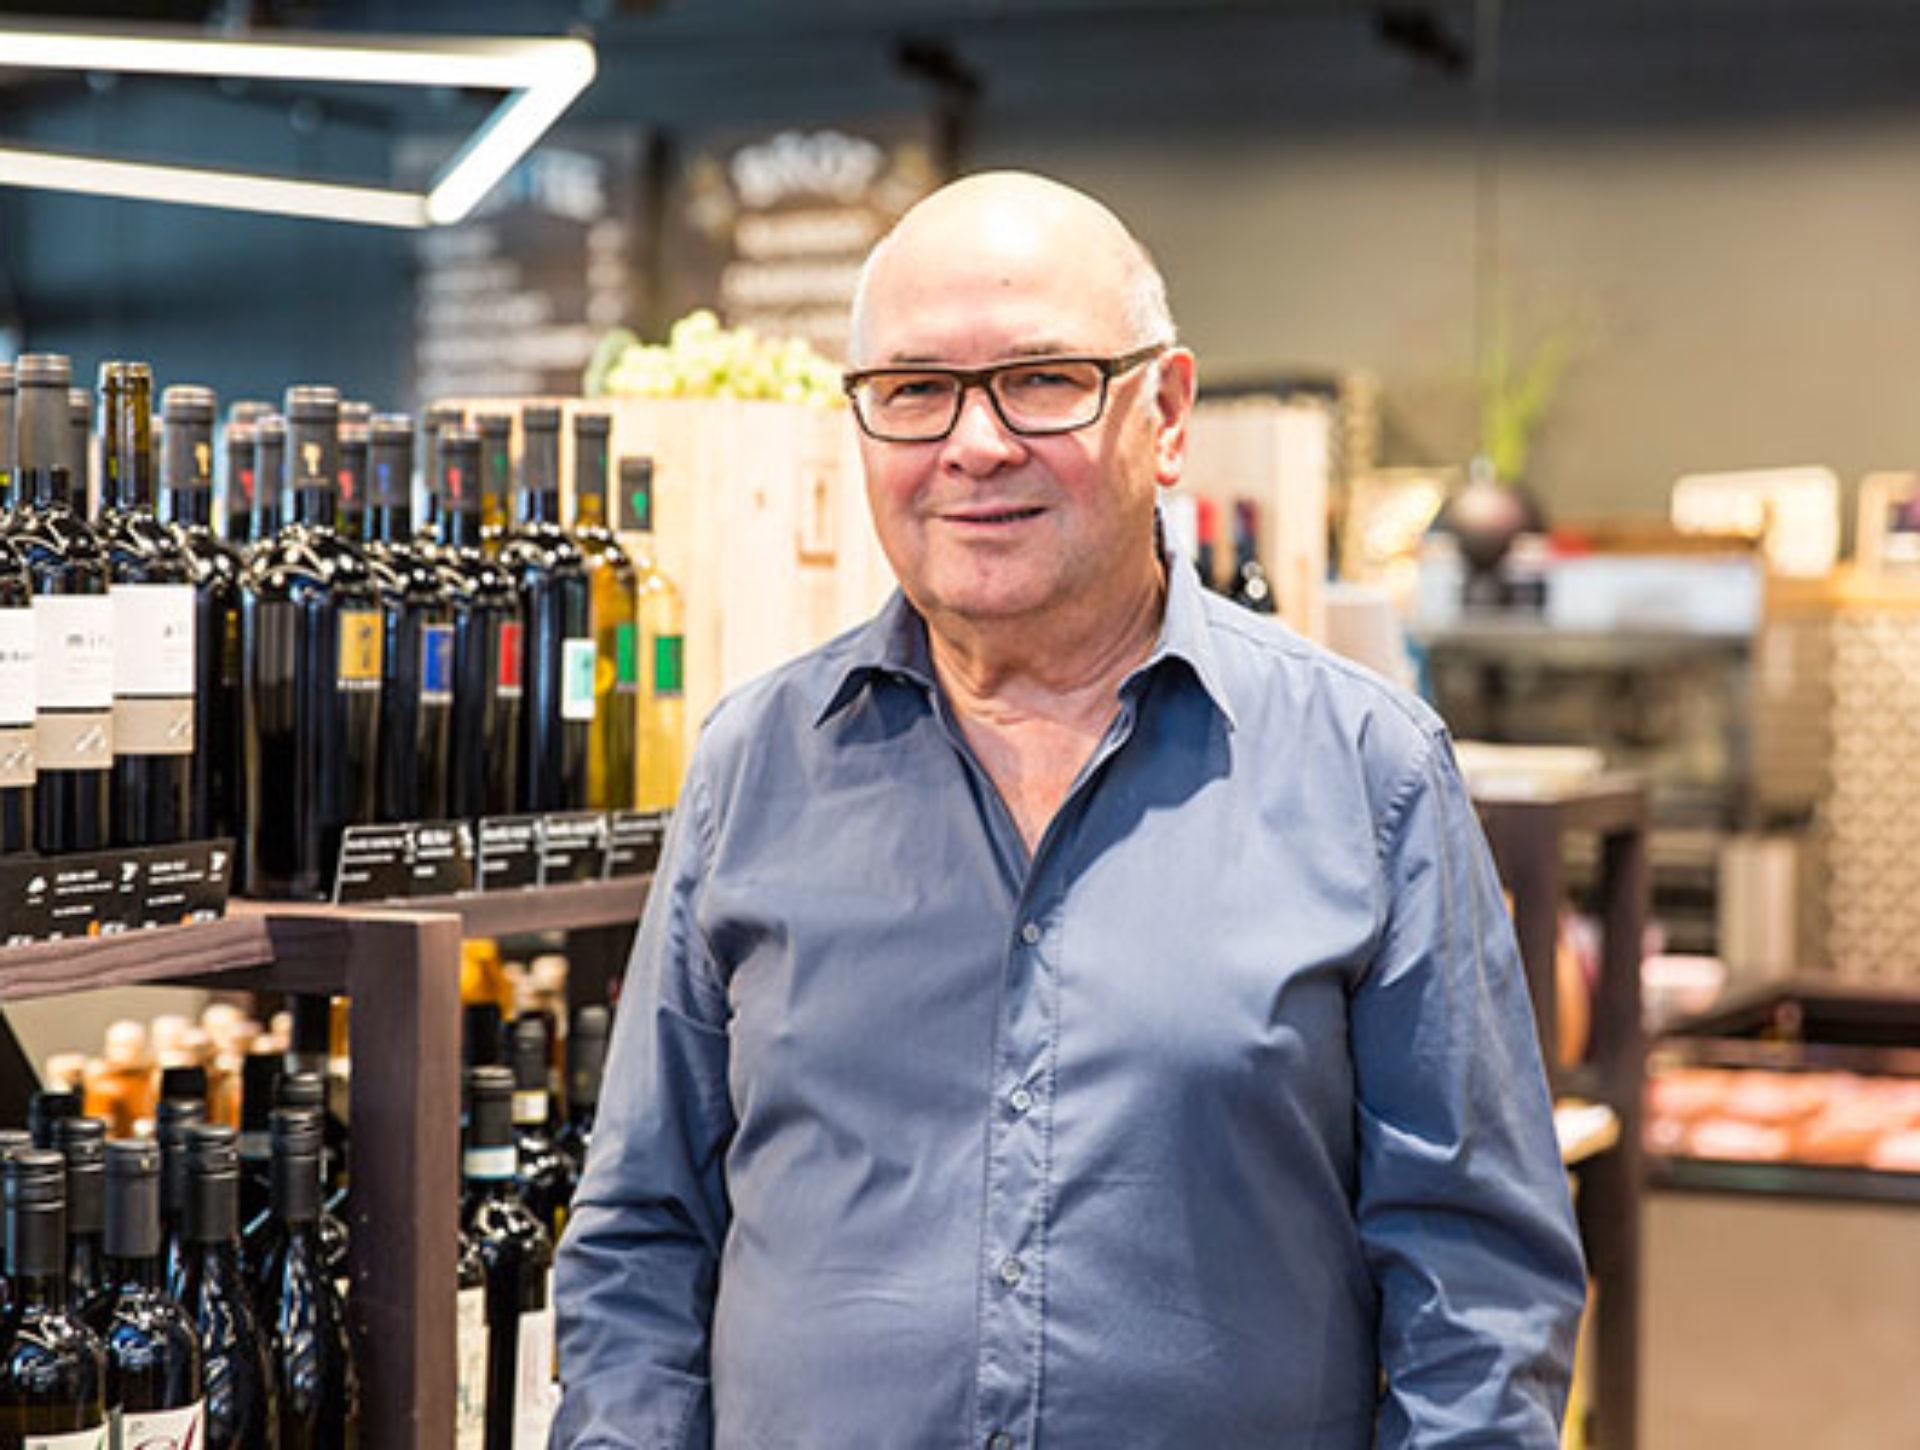 Klaus-Dieter Bahnsen, Weinhandlung am Küferweg «Seit Beginn beliefern wir den Quai4. Hier schaut man immer vorwärts und hält die Qualität hoch in allen Betrieben.»